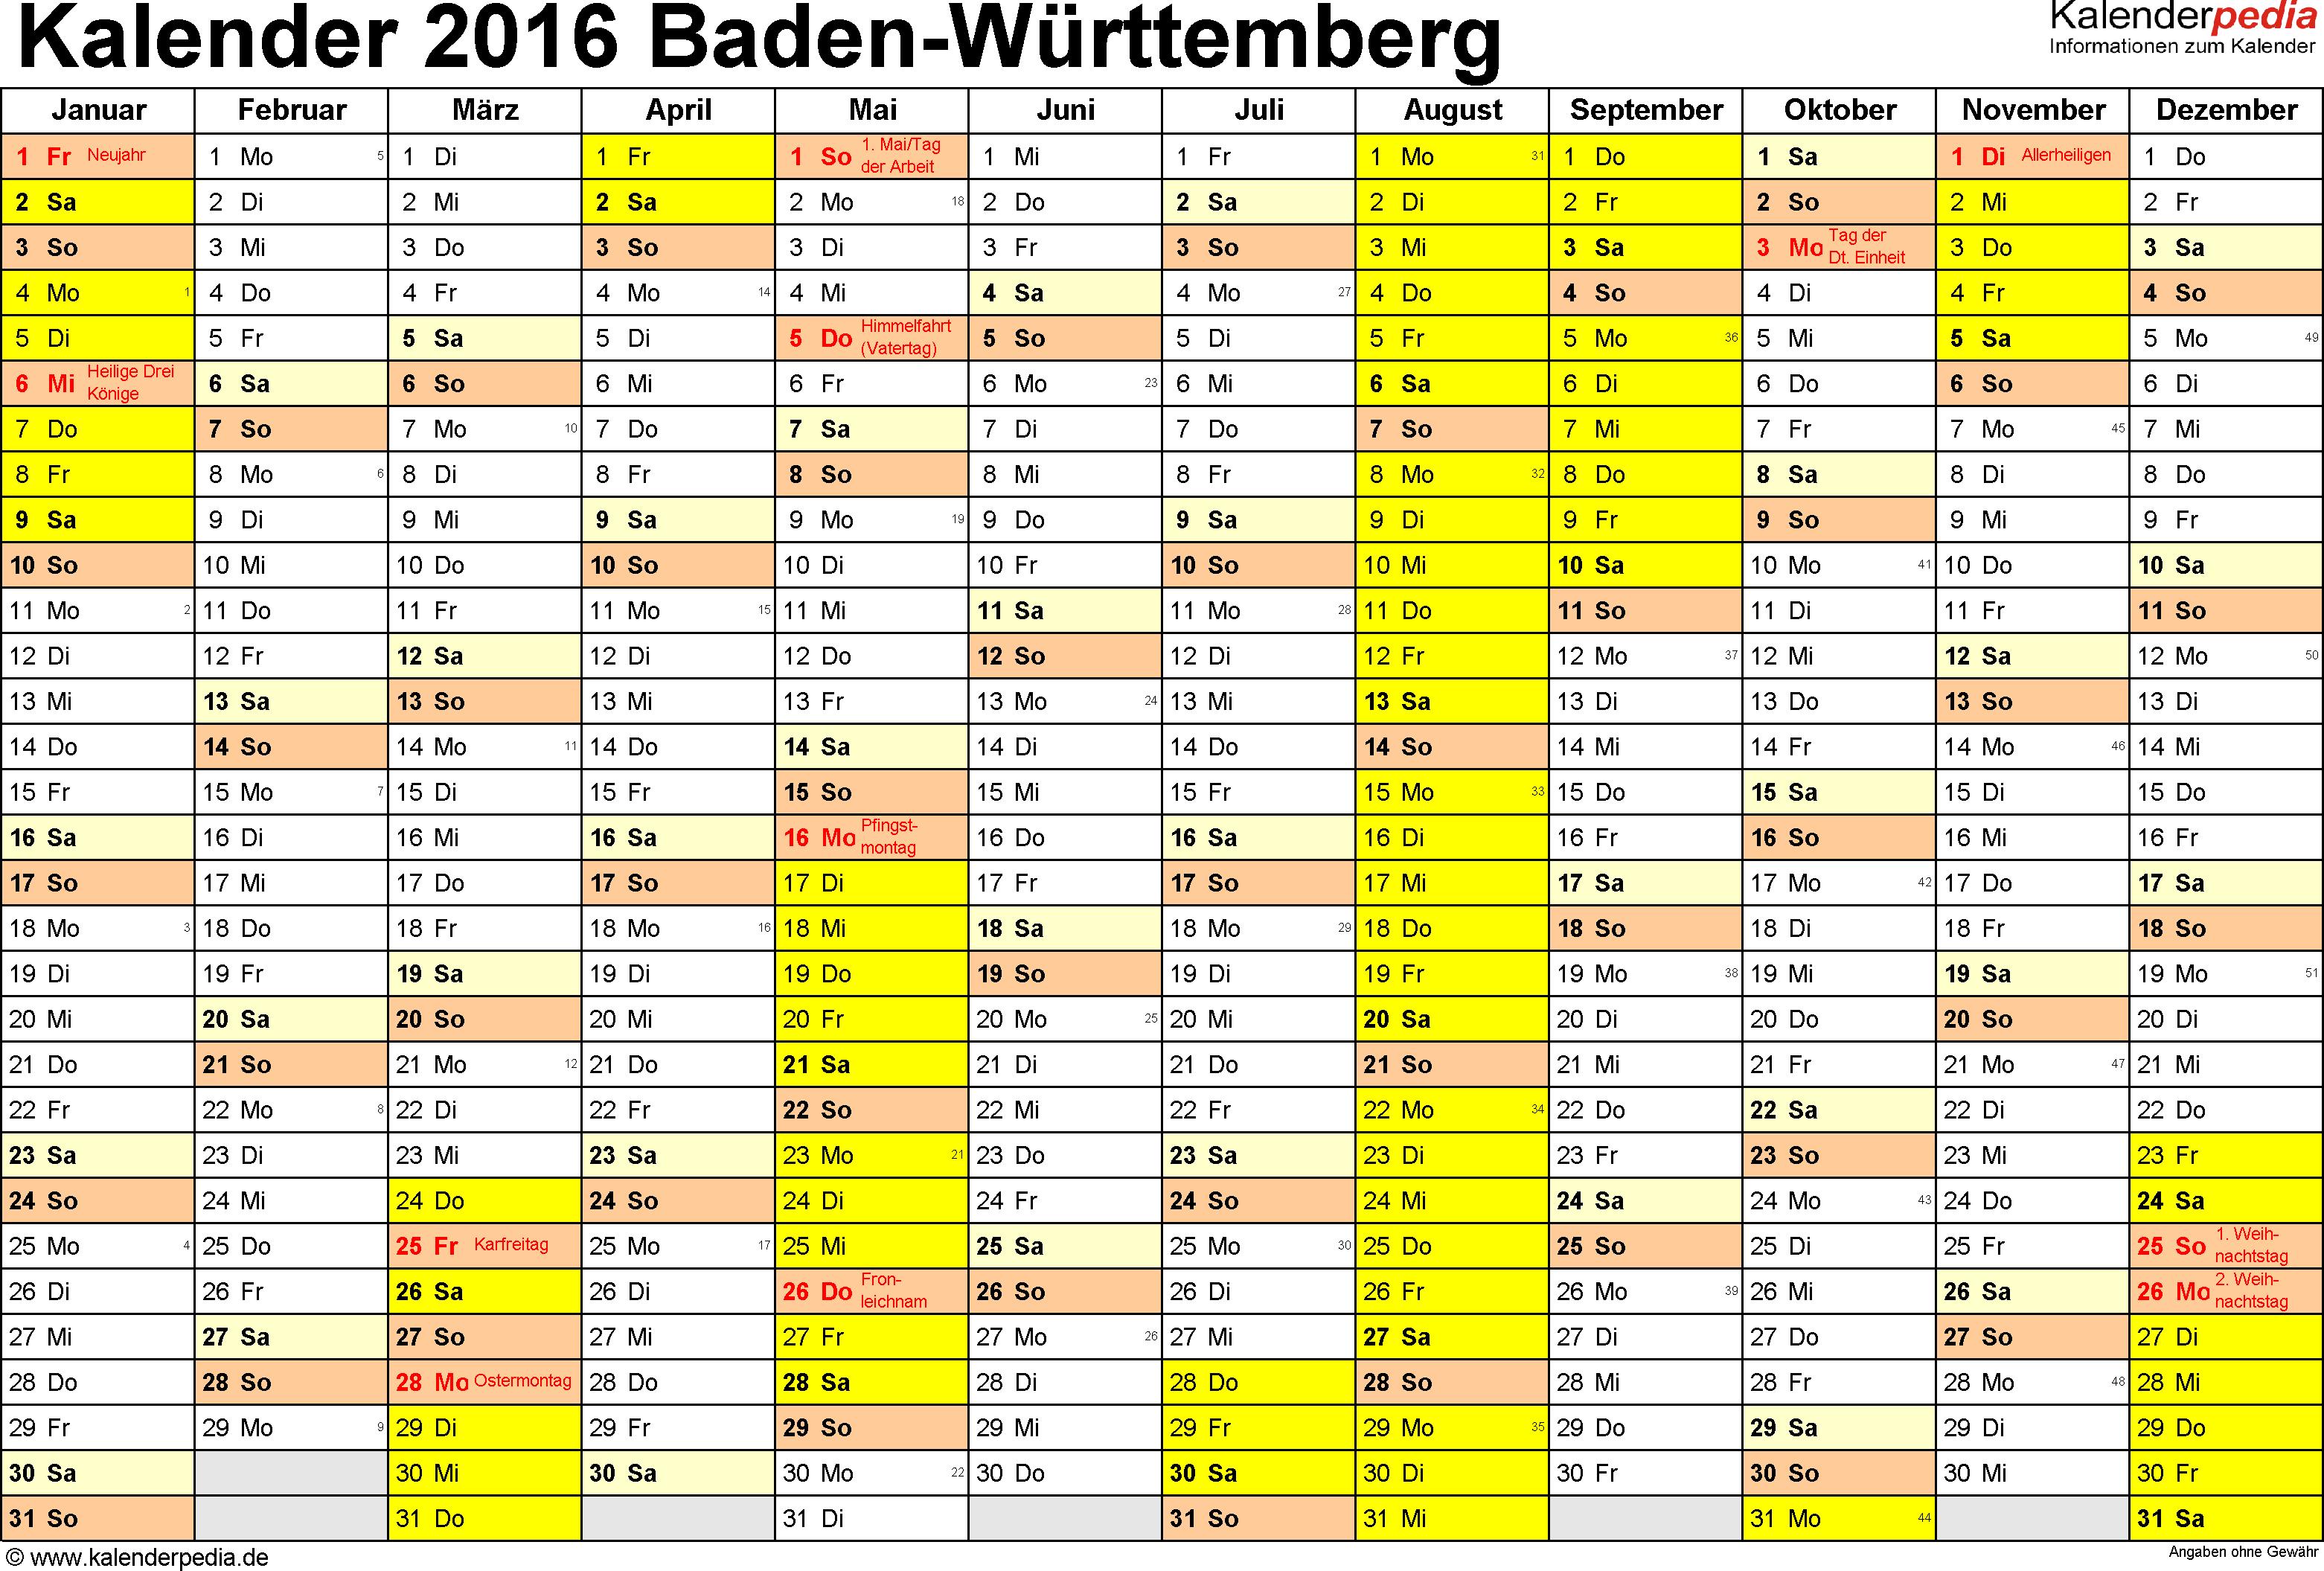 Vorlage 1: Kalender 2016 für Baden-Württemberg als Excel-Vorlagen (Querformat, 1 Seite)